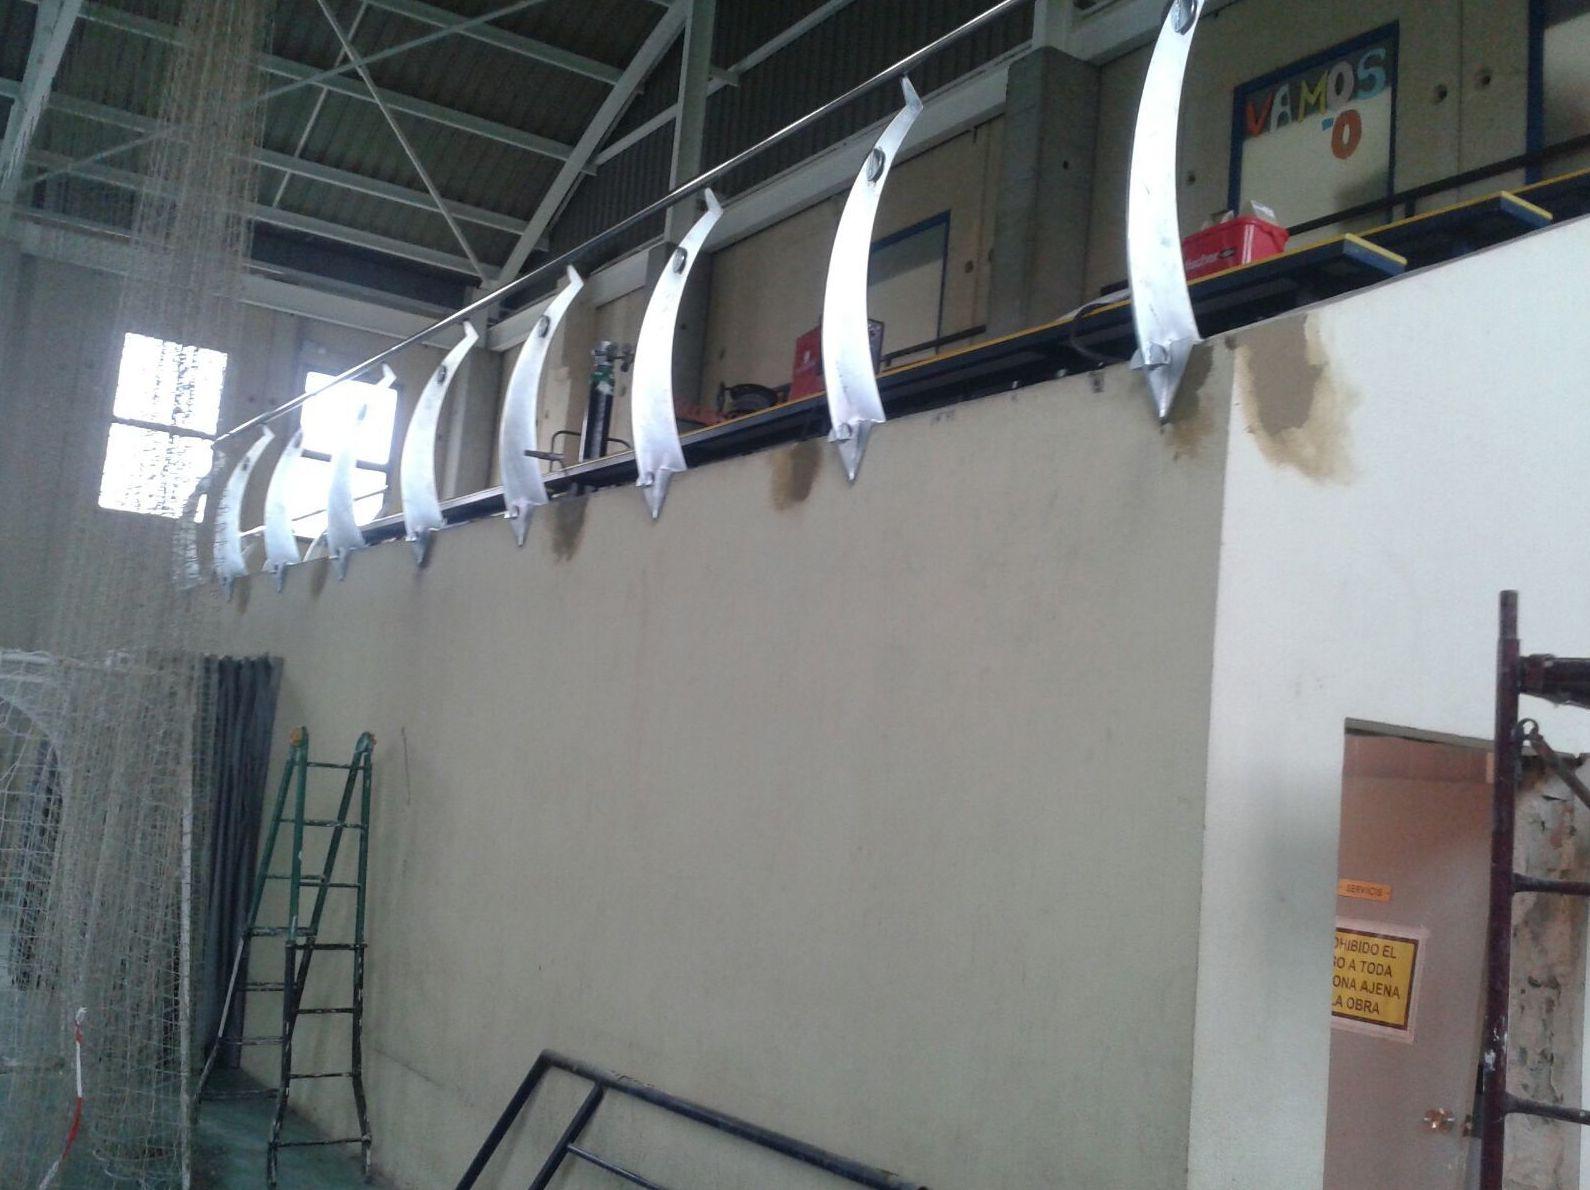 Barandilla para polideportivo con pilastars de hierro, pasamanos de inoxidable y vidrio laminado